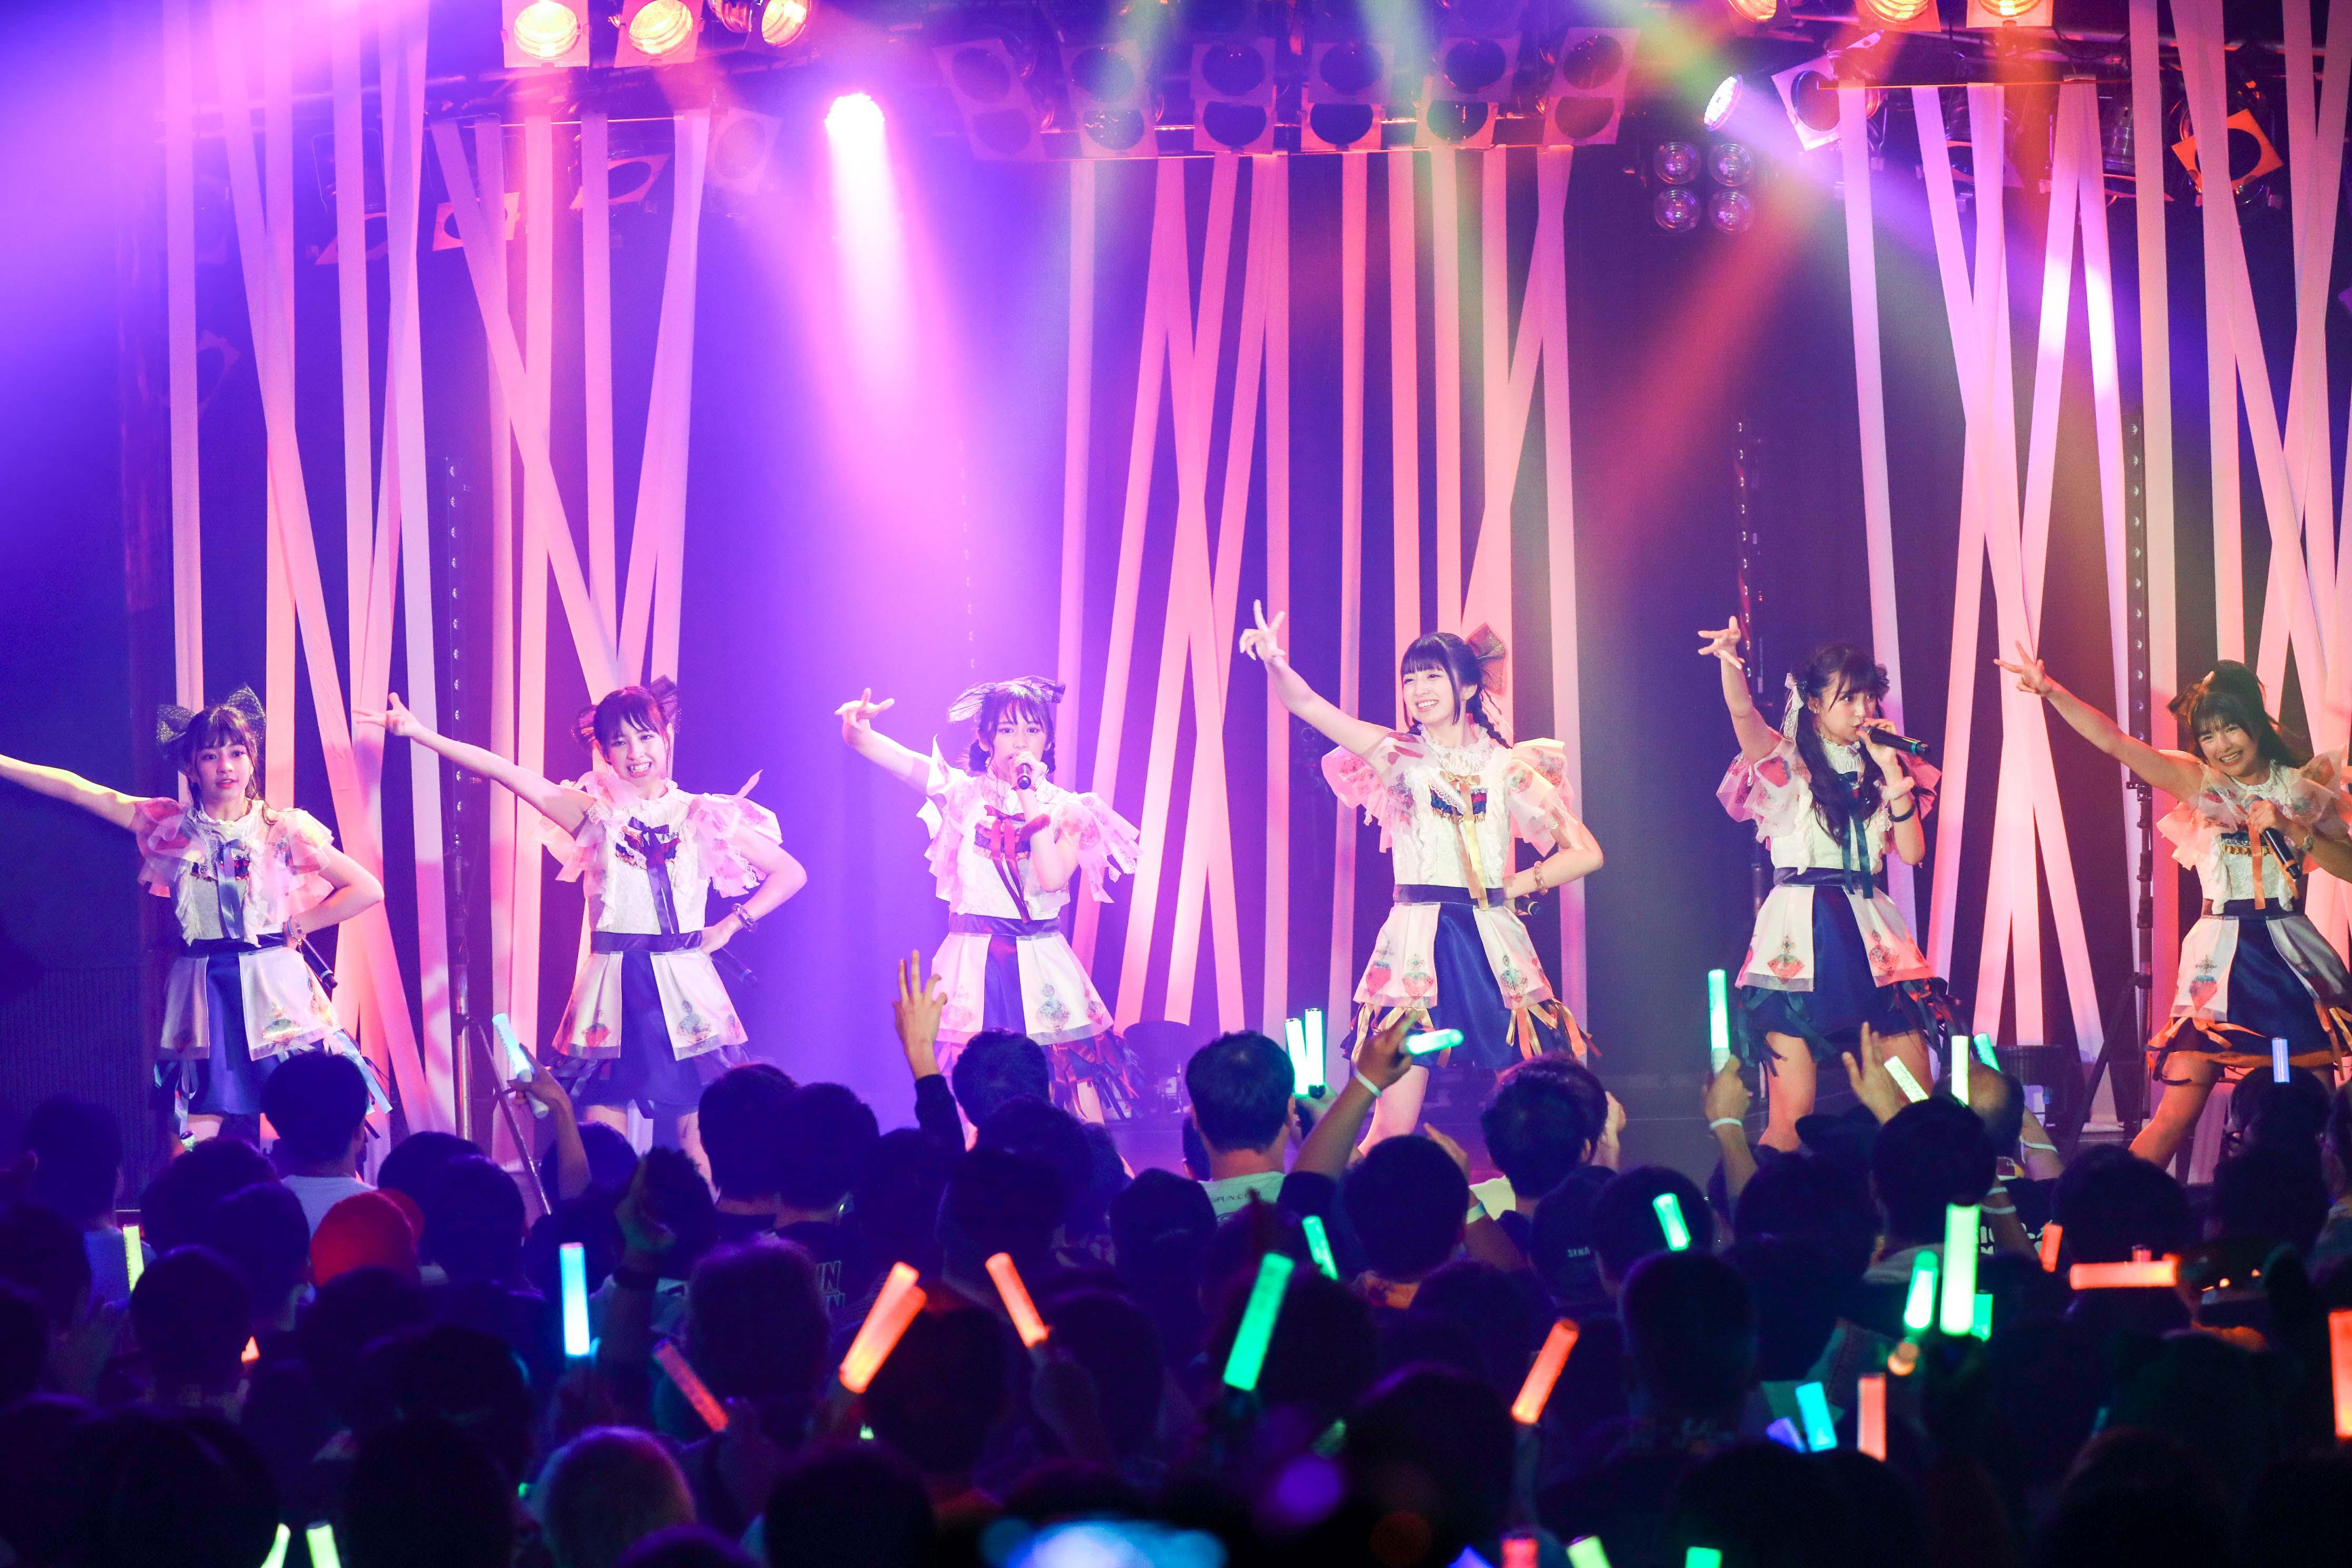 マジカル・パンチライン/10月20日、横浜Bay Hallでの東名阪ハロウィンツアーファイナルにて/撮影:名和洋助